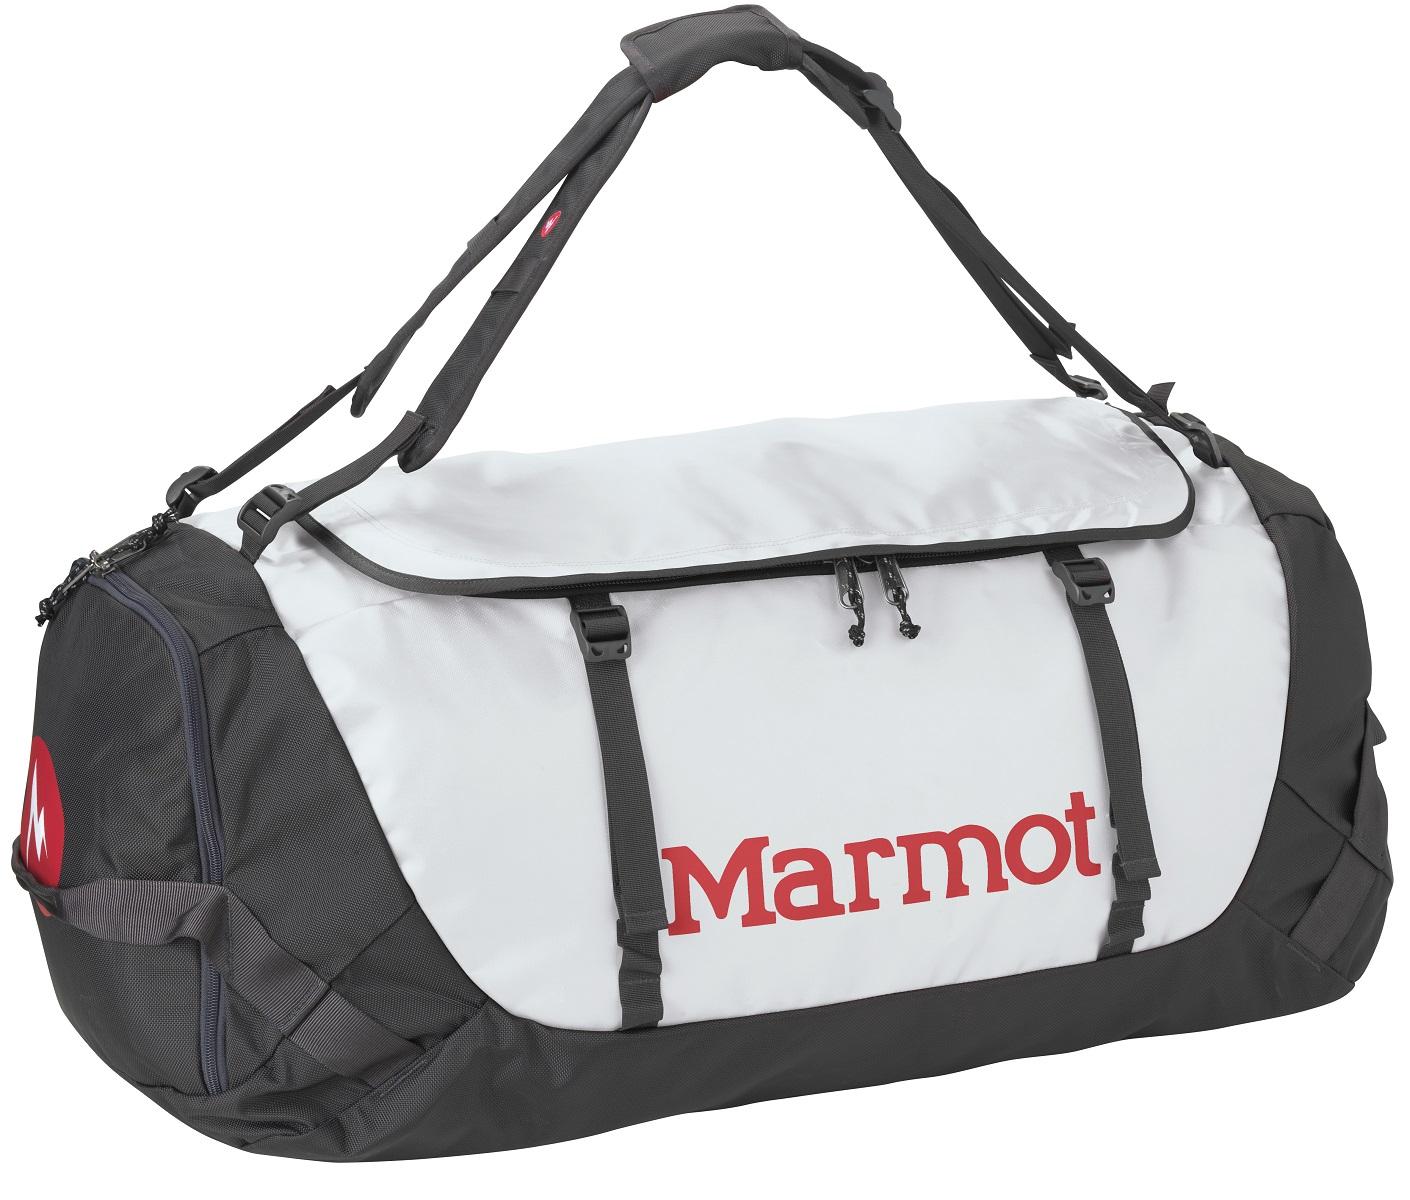 Сумка дорожная Marmot Long Hauler Duffel Bag Large, цвет: серый, 75 л25150-1230-LПрочная дорожная сумка Marmot Long Hauler Duffel Bag Large имеет возможность переноски в виде рюкзака. Выполнена из нейлона и полиэстера. Сумка оснащена ремнем через плечо, и ручками для переноски.Особенности:- Медиа-карман на молнии/Карман-органайзер.- D-образная верхняя молния.- Внутренний карман на молнии.- Надежные застежки-молнии уберегут сумку от внезапного открытия.- Петли для переноски расположены с обеих сторон.